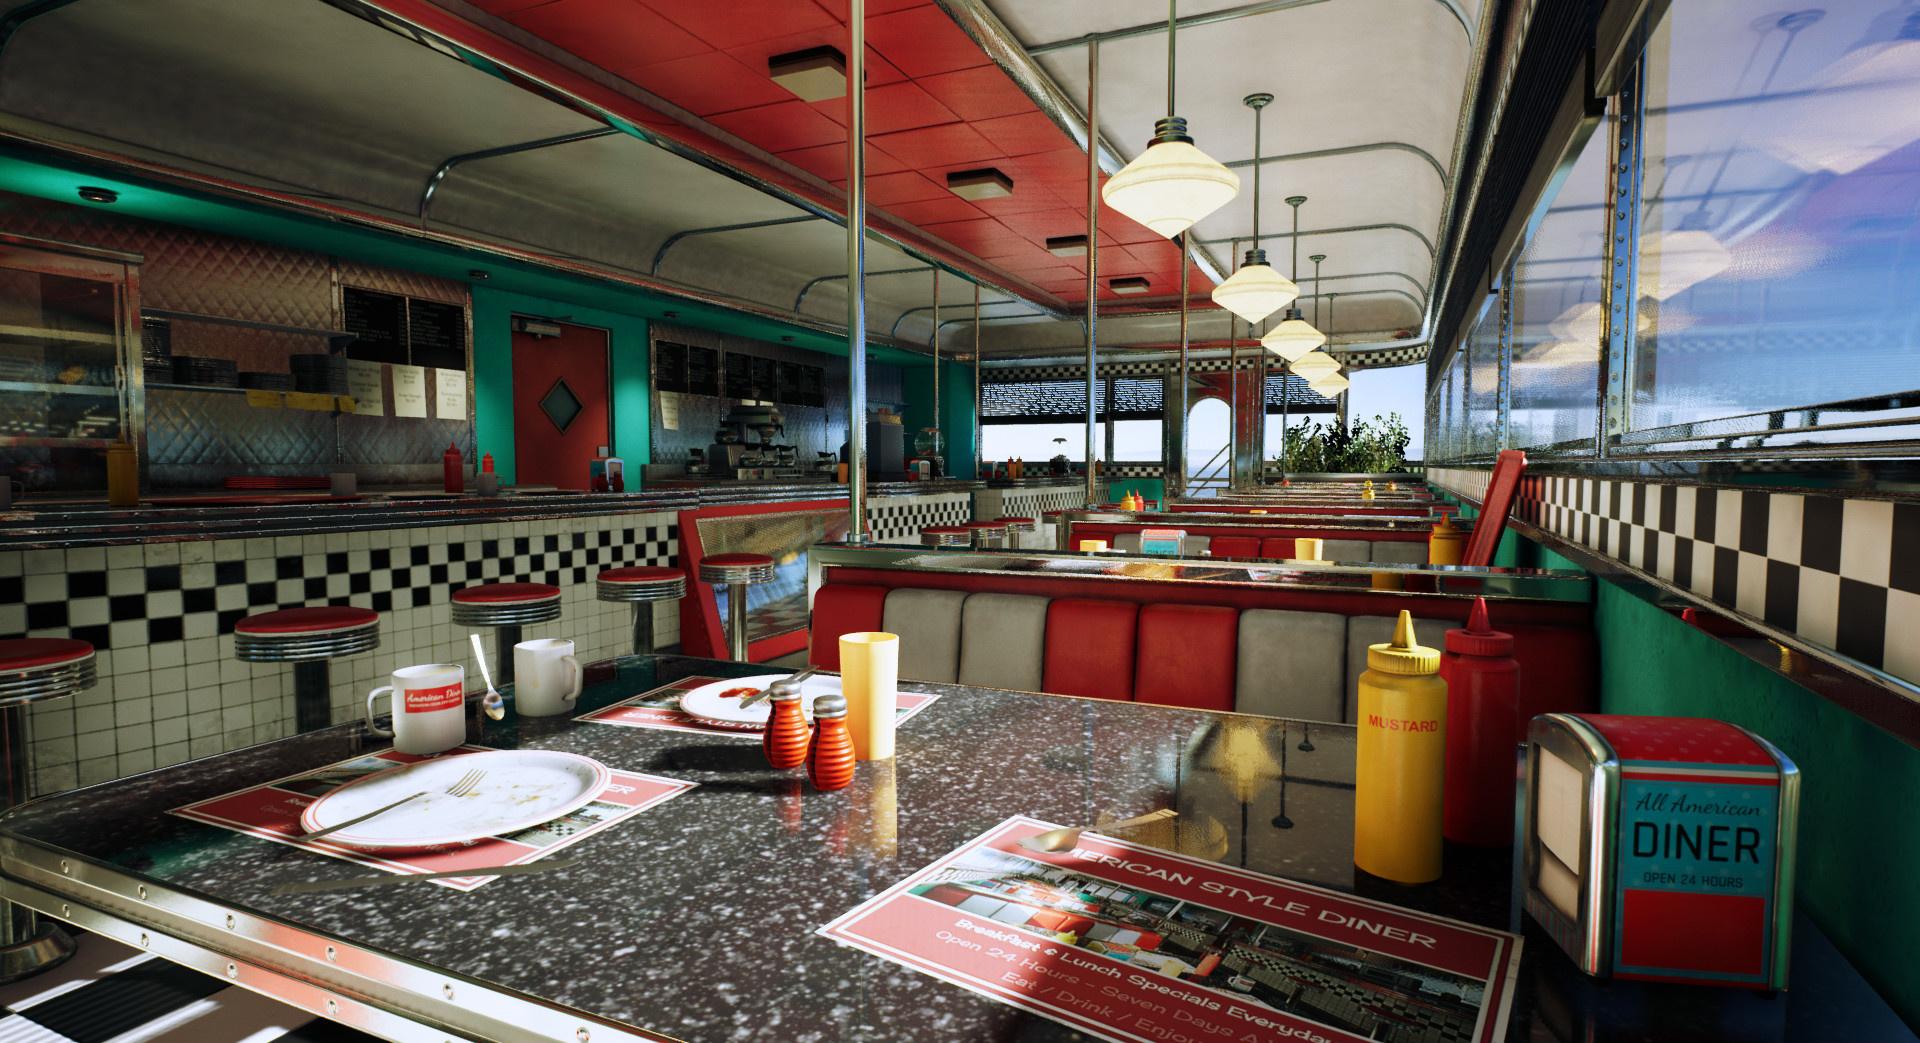 遍佈美利堅的Diner:美國人民的沙縣小吃和黃燜雞米飯